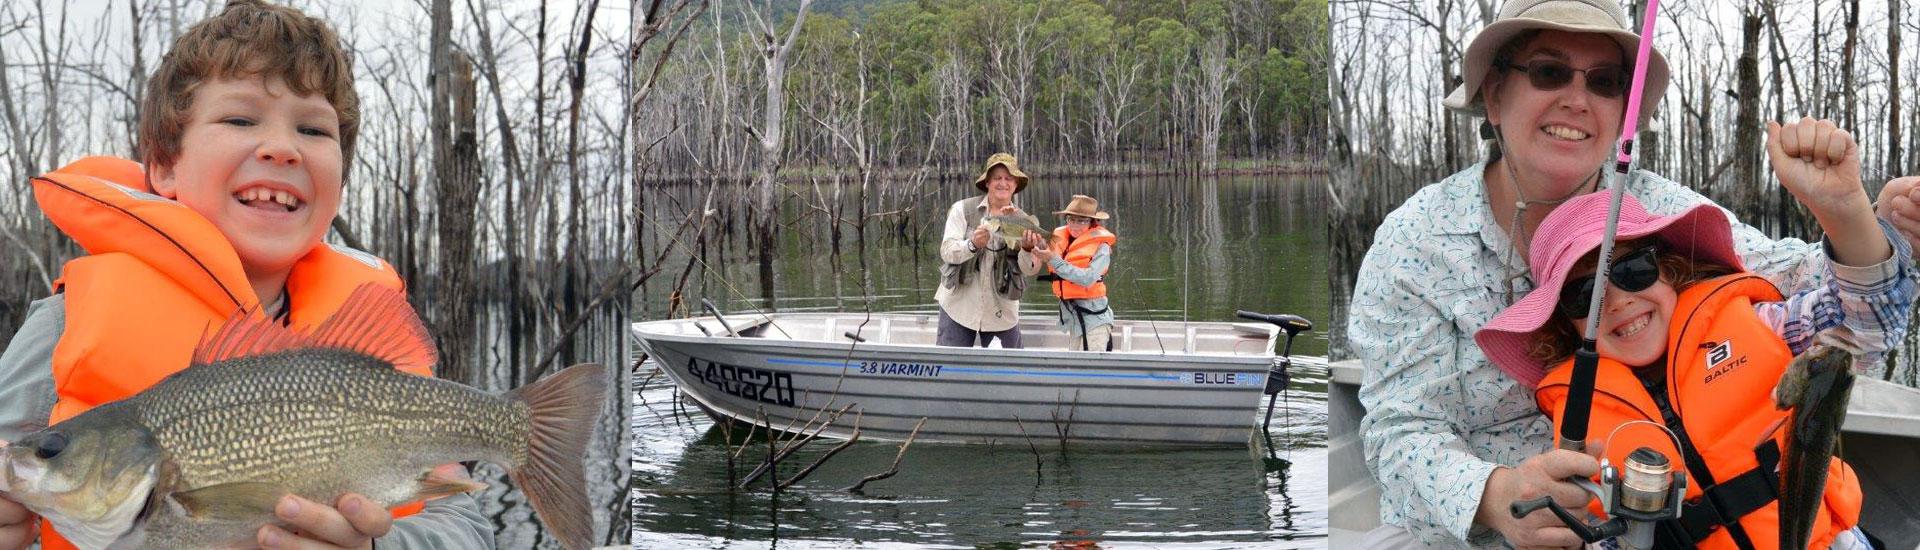 FAMILY FISHING TRIP TO HINZE DAM